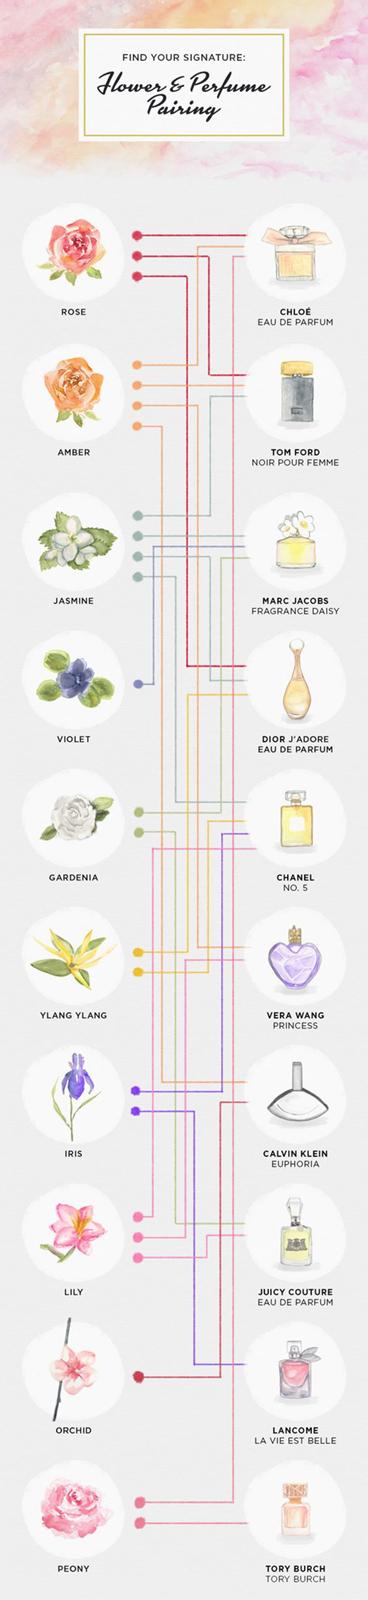 Combinez les parfums pour créer la senteur parfaite